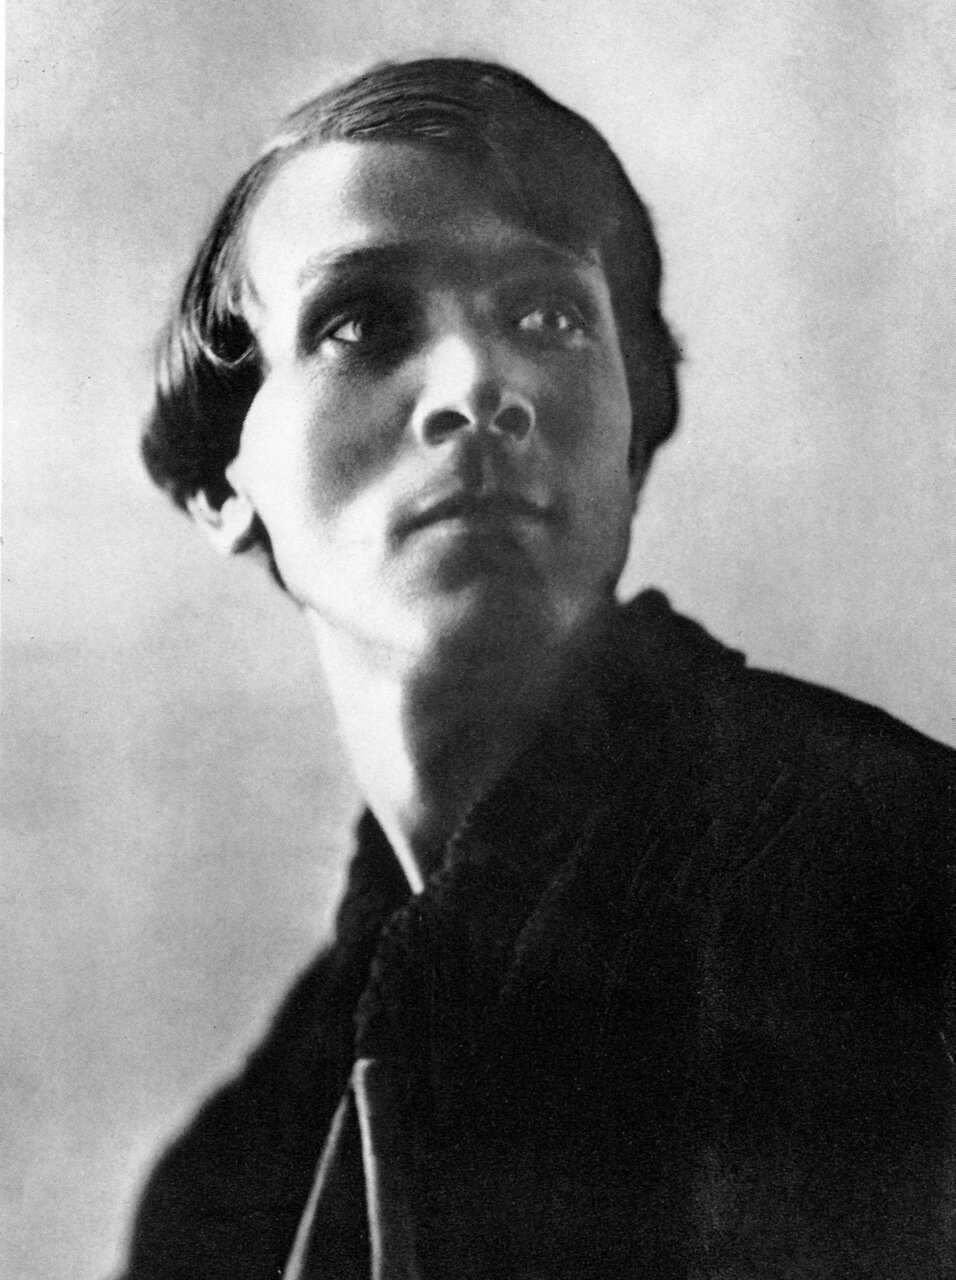 Портрет молодого человека. 1922 год